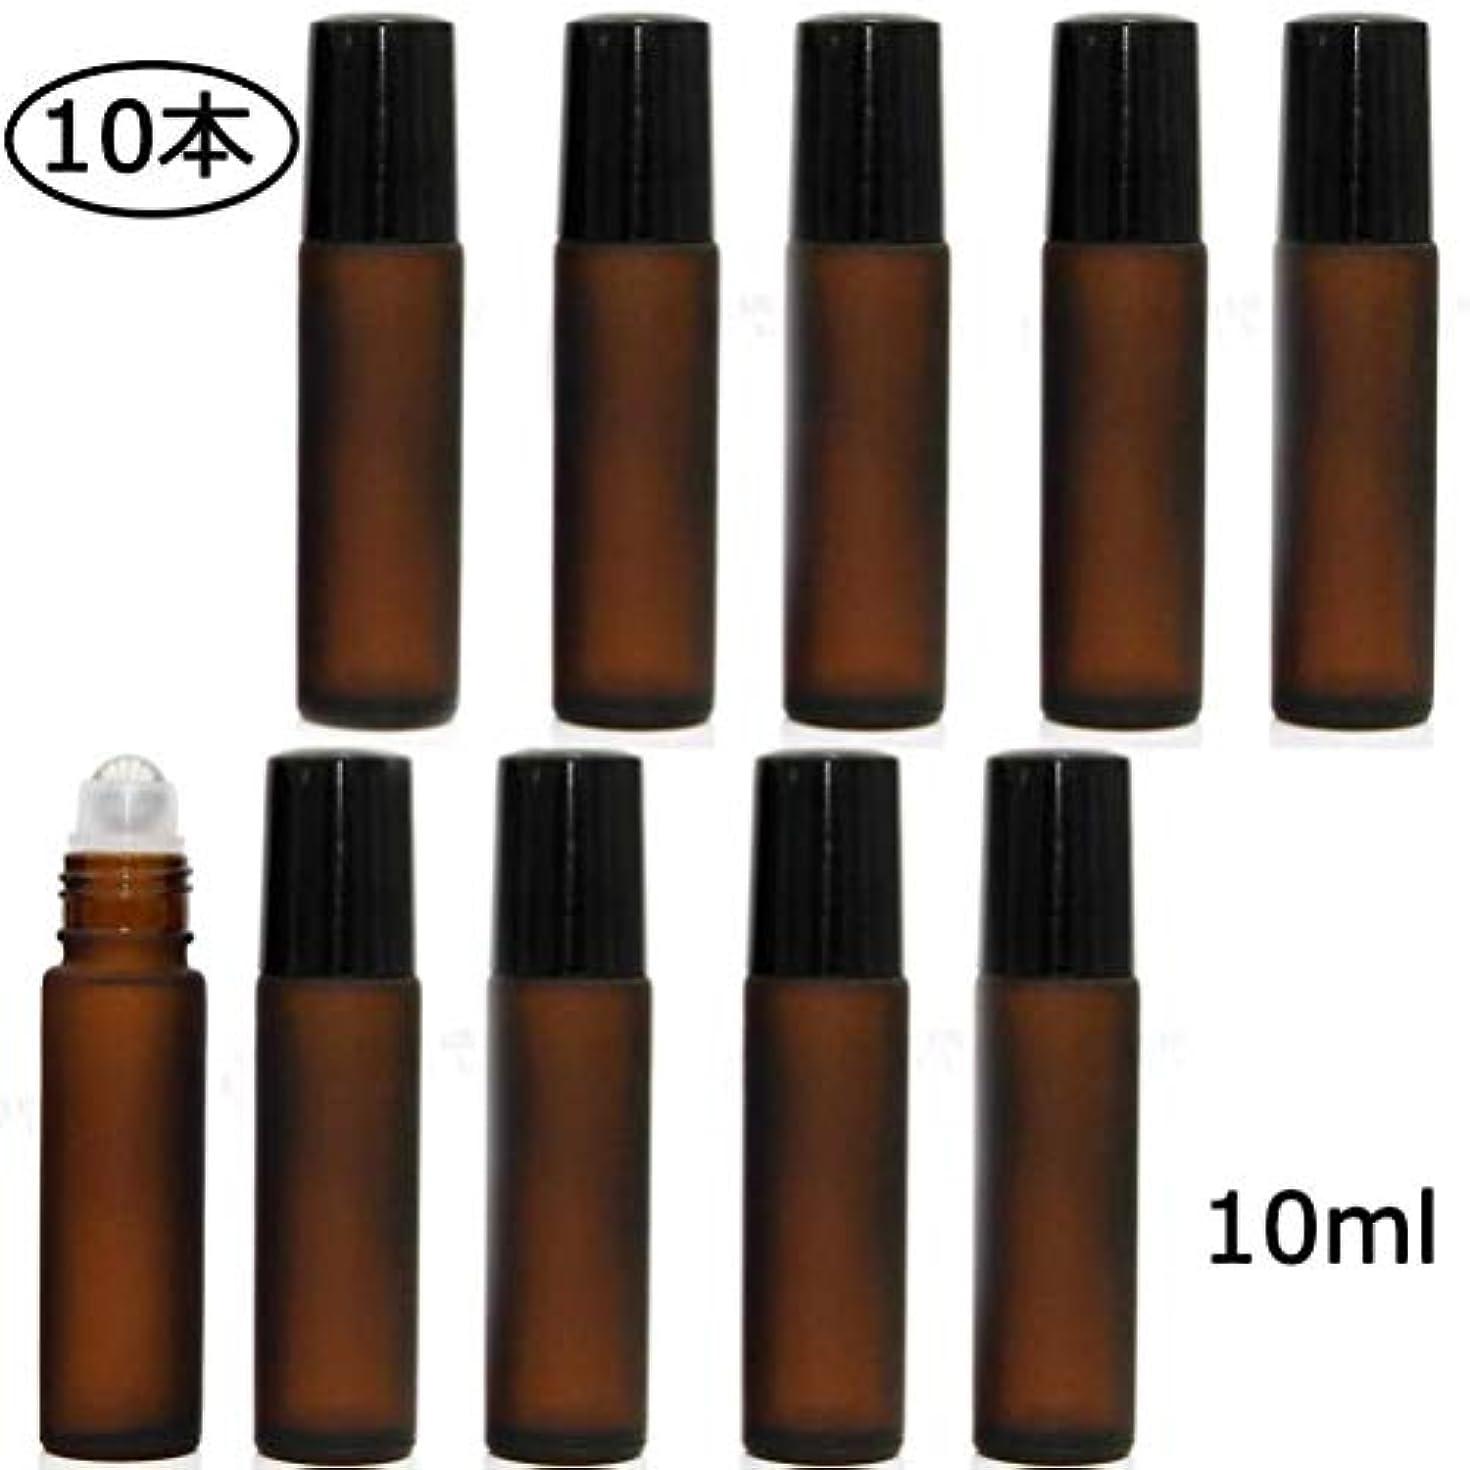 任命食器棚簡単なFlymylion ロールオンボトル アロマオイル 精油 小分け用 遮光瓶 10ml 10本セット ガラスロールタイプ (茶色)